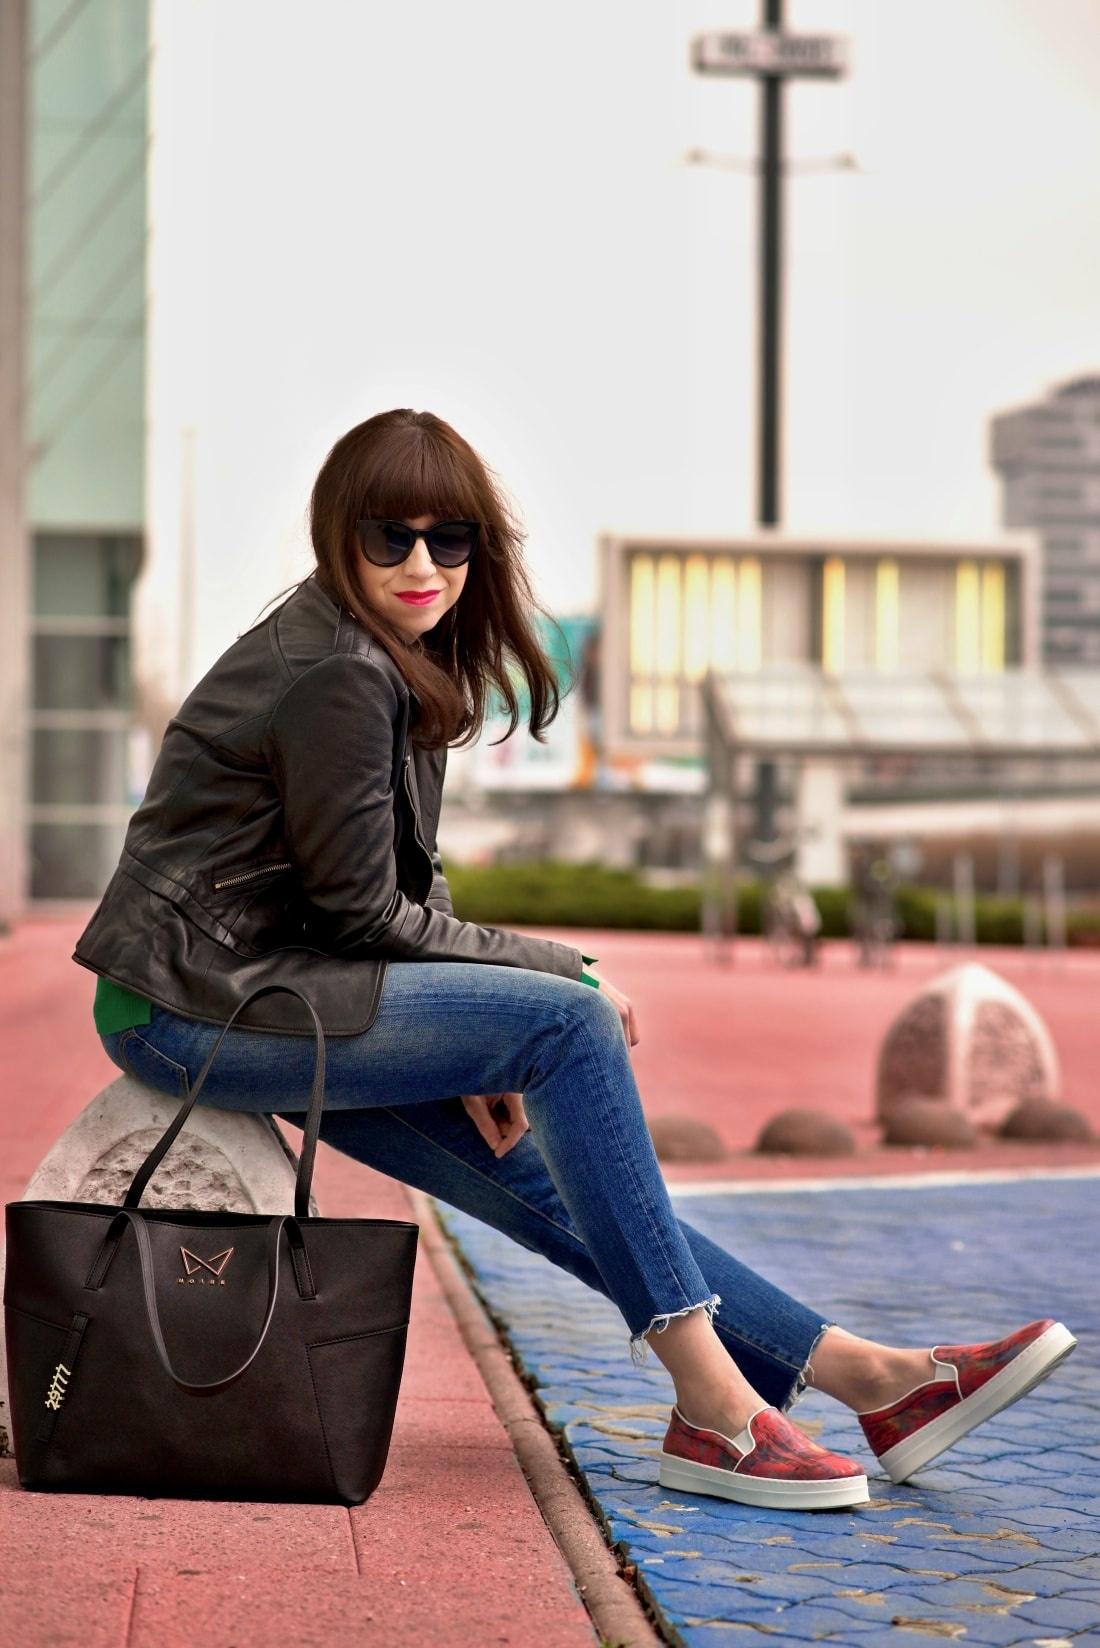 Kabelka NOIRE (29777)_Katharine-fashion is beautiful_Blog 2_Čierna kabelka Noire_Kožená bunda Mango_Džínsy Levis_Katarína Jakubčová_Fashion blogger